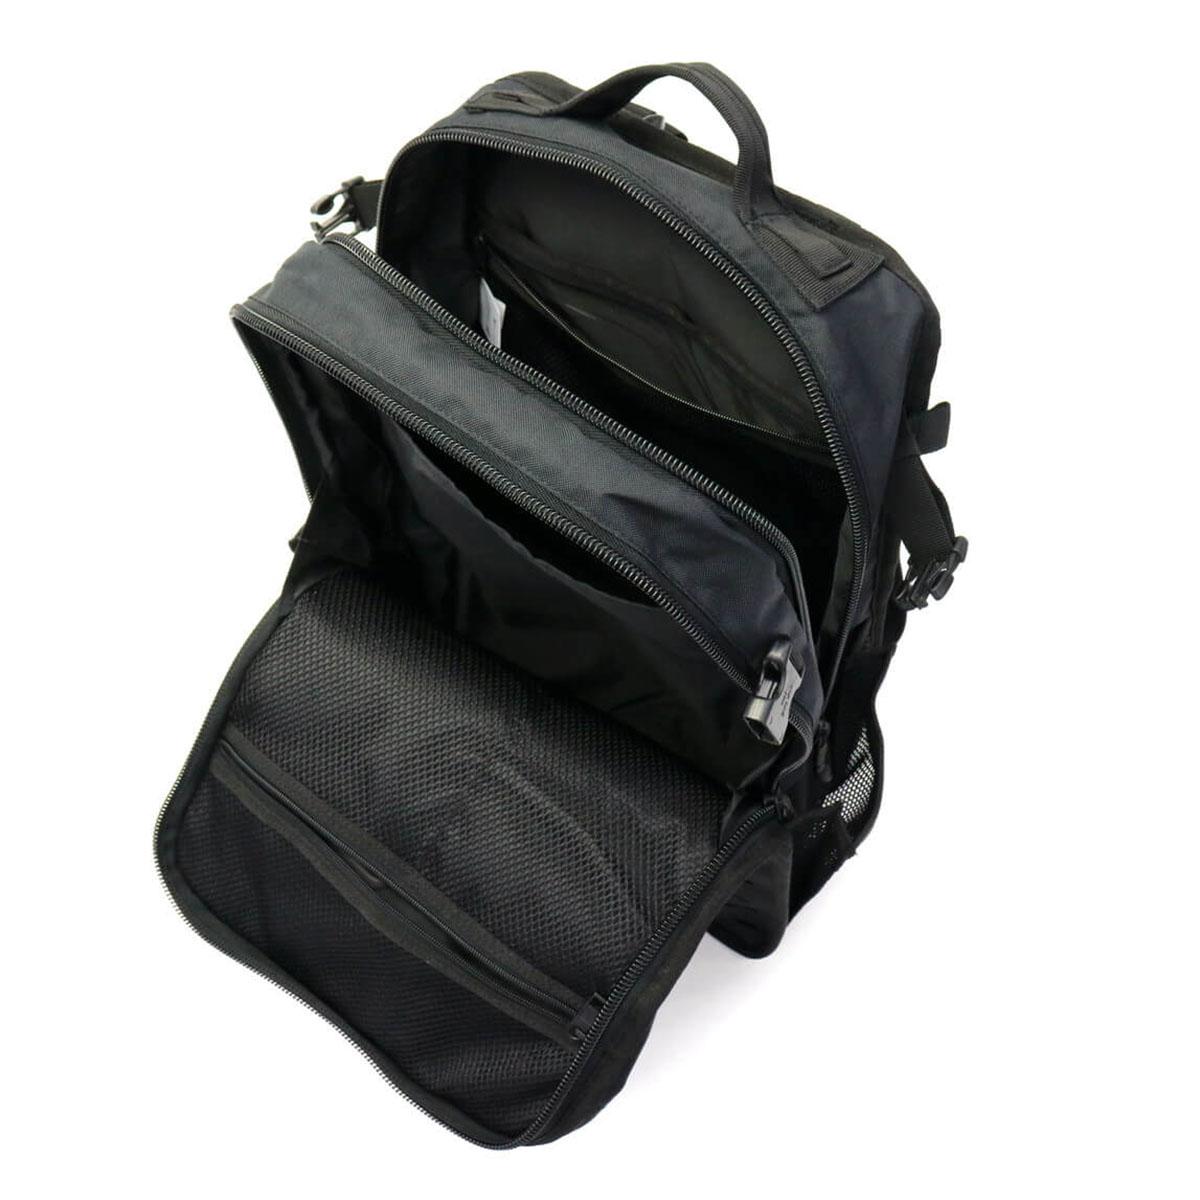 09818a01cae9 [SALE 40% OFF] Reebok Crossfit Daypack Backpack A4 School Men Women FRY52